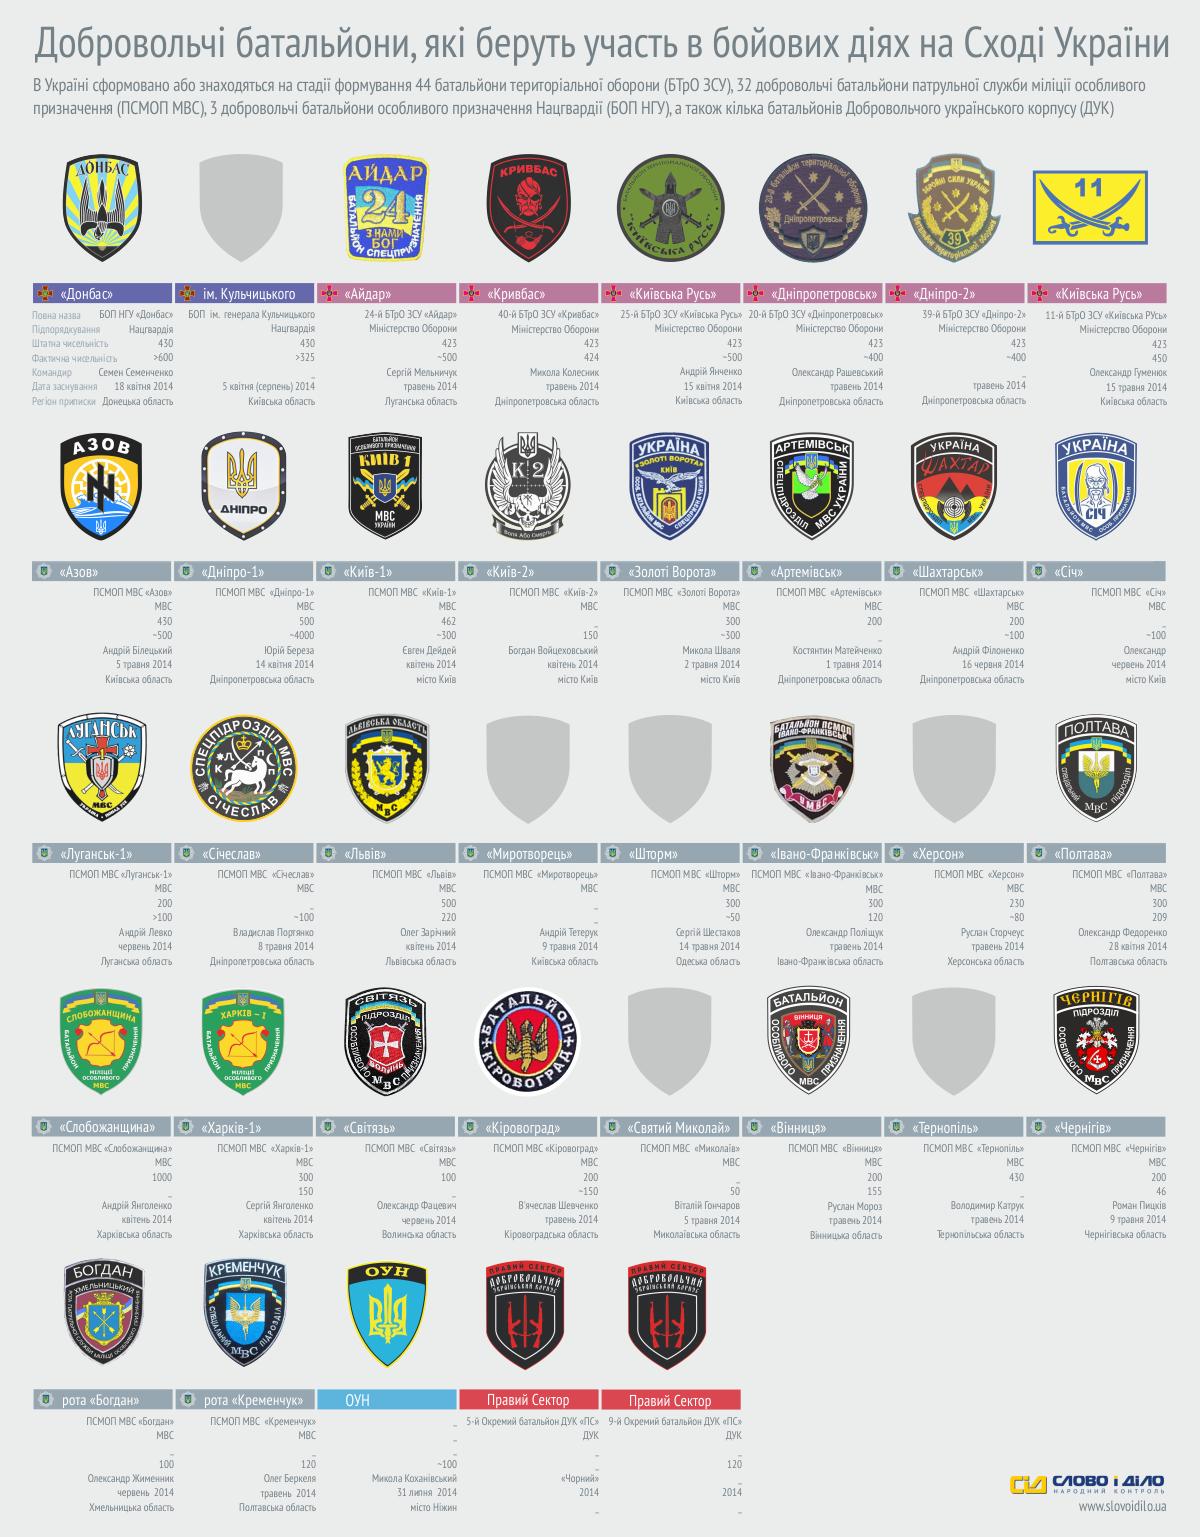 """Национальная гвардия получит 10 новых бронированных автомобилей """"Козак-ІI"""" - Цензор.НЕТ 2619"""